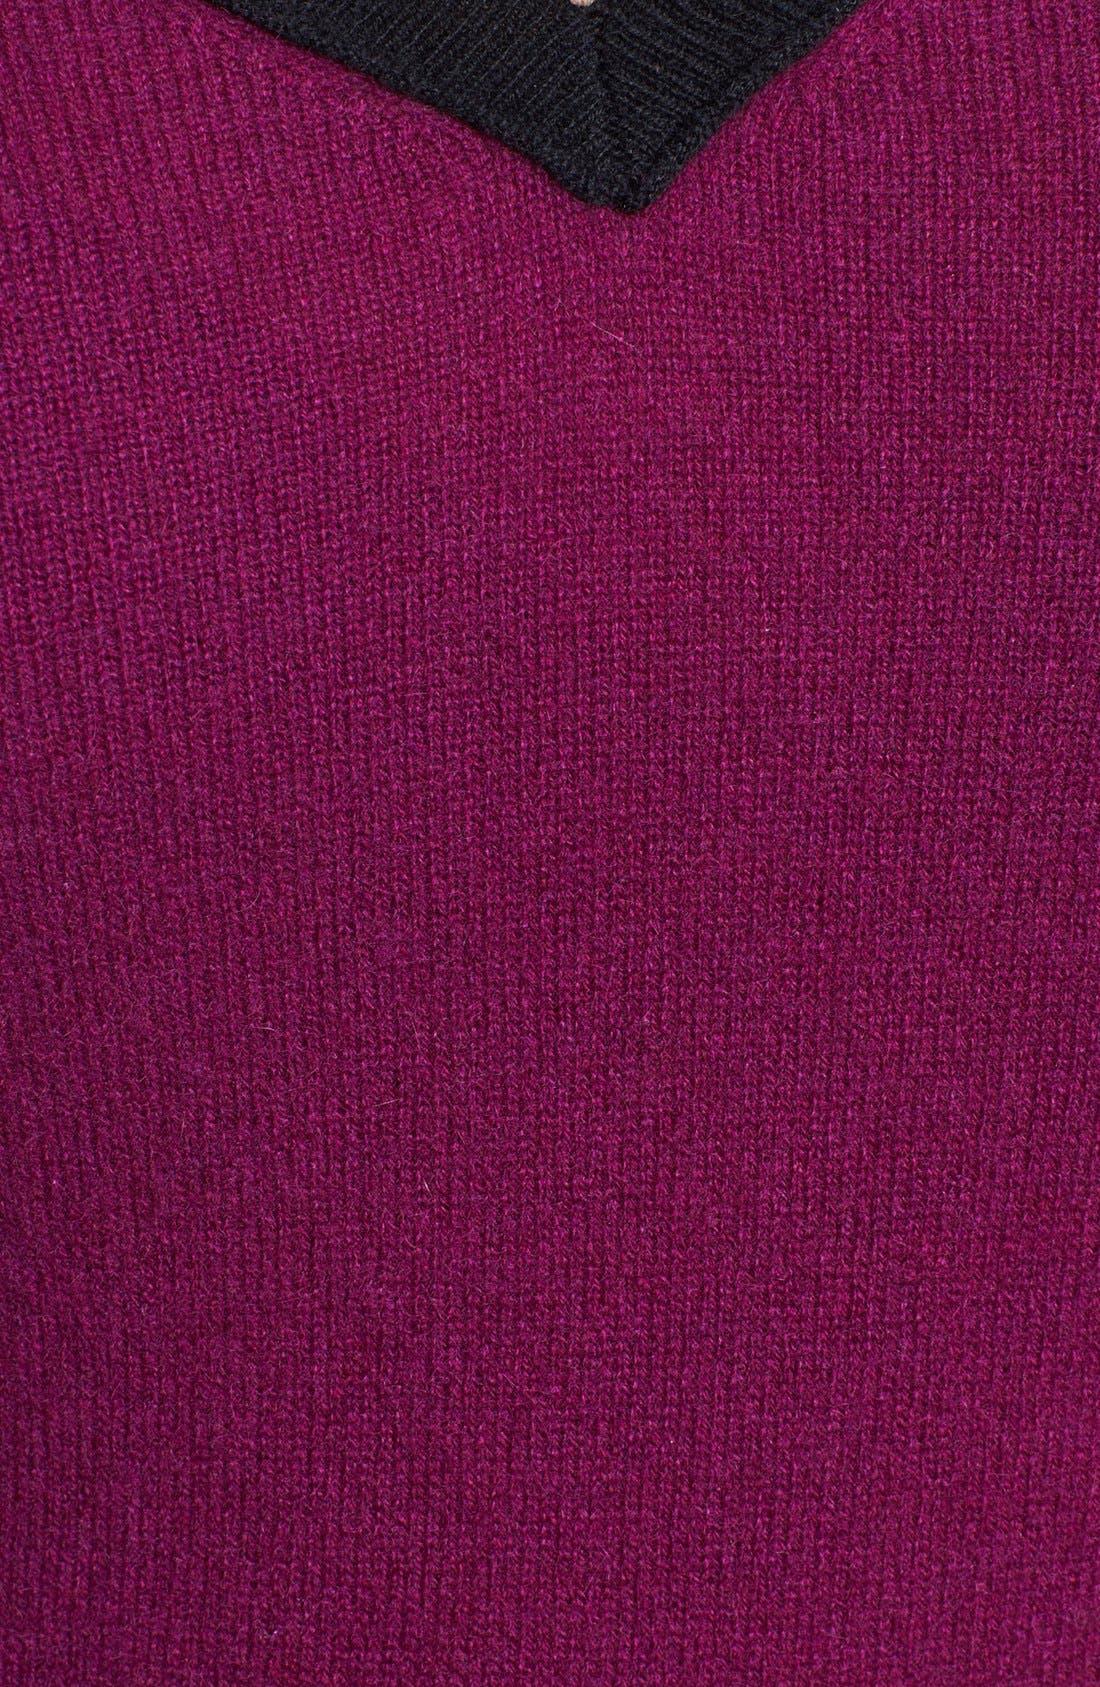 Alternate Image 3  - Halogen® Colorblock Cashmere Sweater (Plus Size)